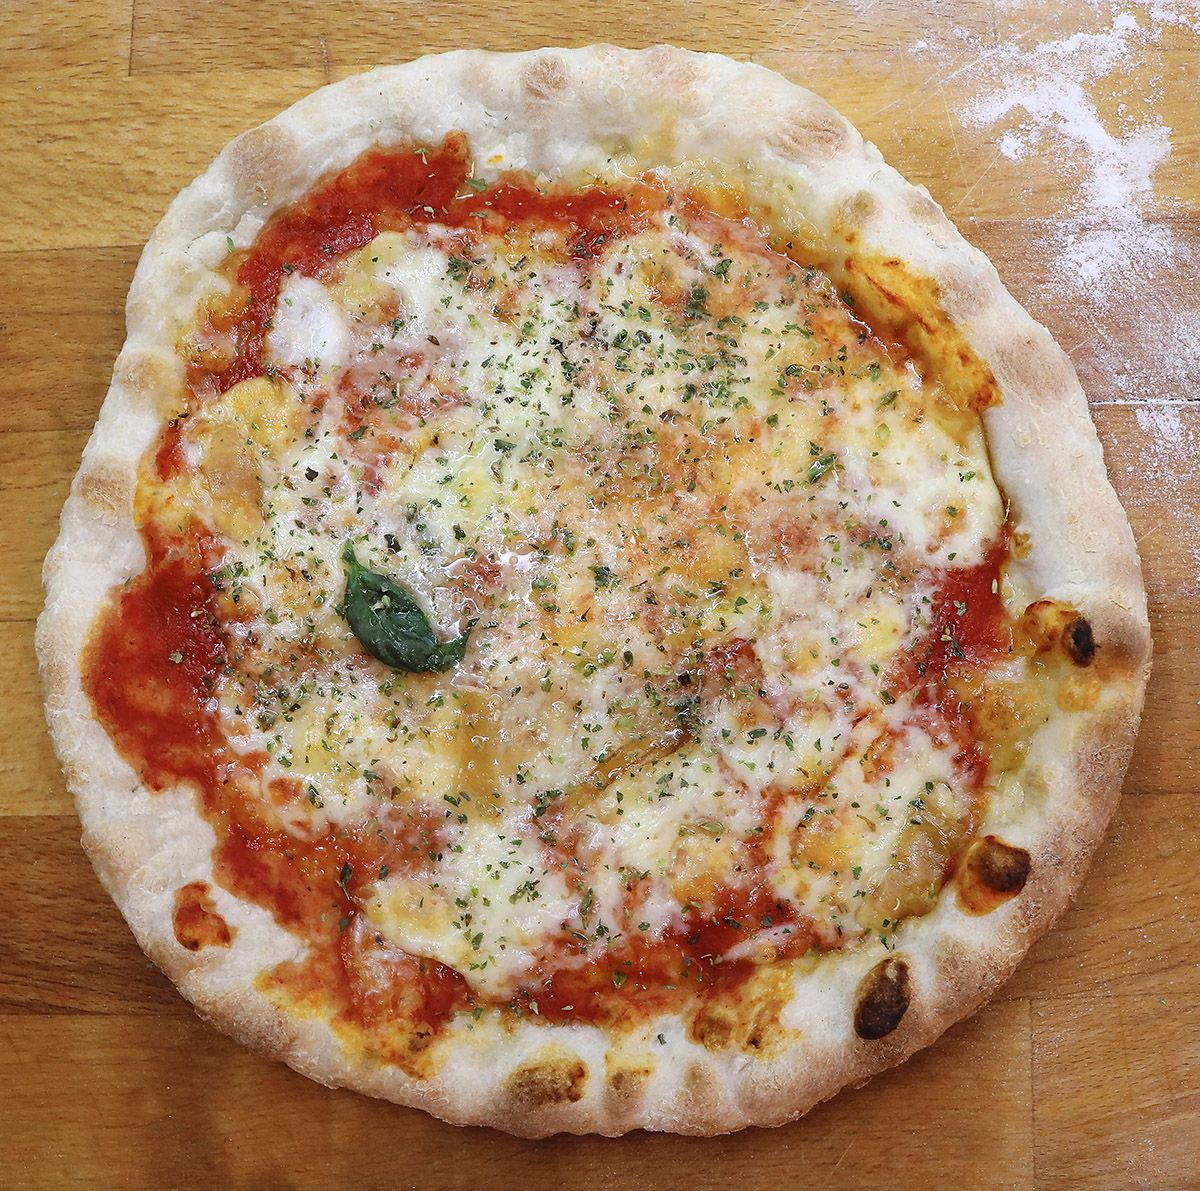 Oggi Vi Insegnero Come Preparare La Vera Pizza Napoletana Fatta In Casa Utilizzando Un Piccolo Trucco Sara Quasi Indistinguibi Nel 2020 Ricette Ricette Di Cucina Pizza